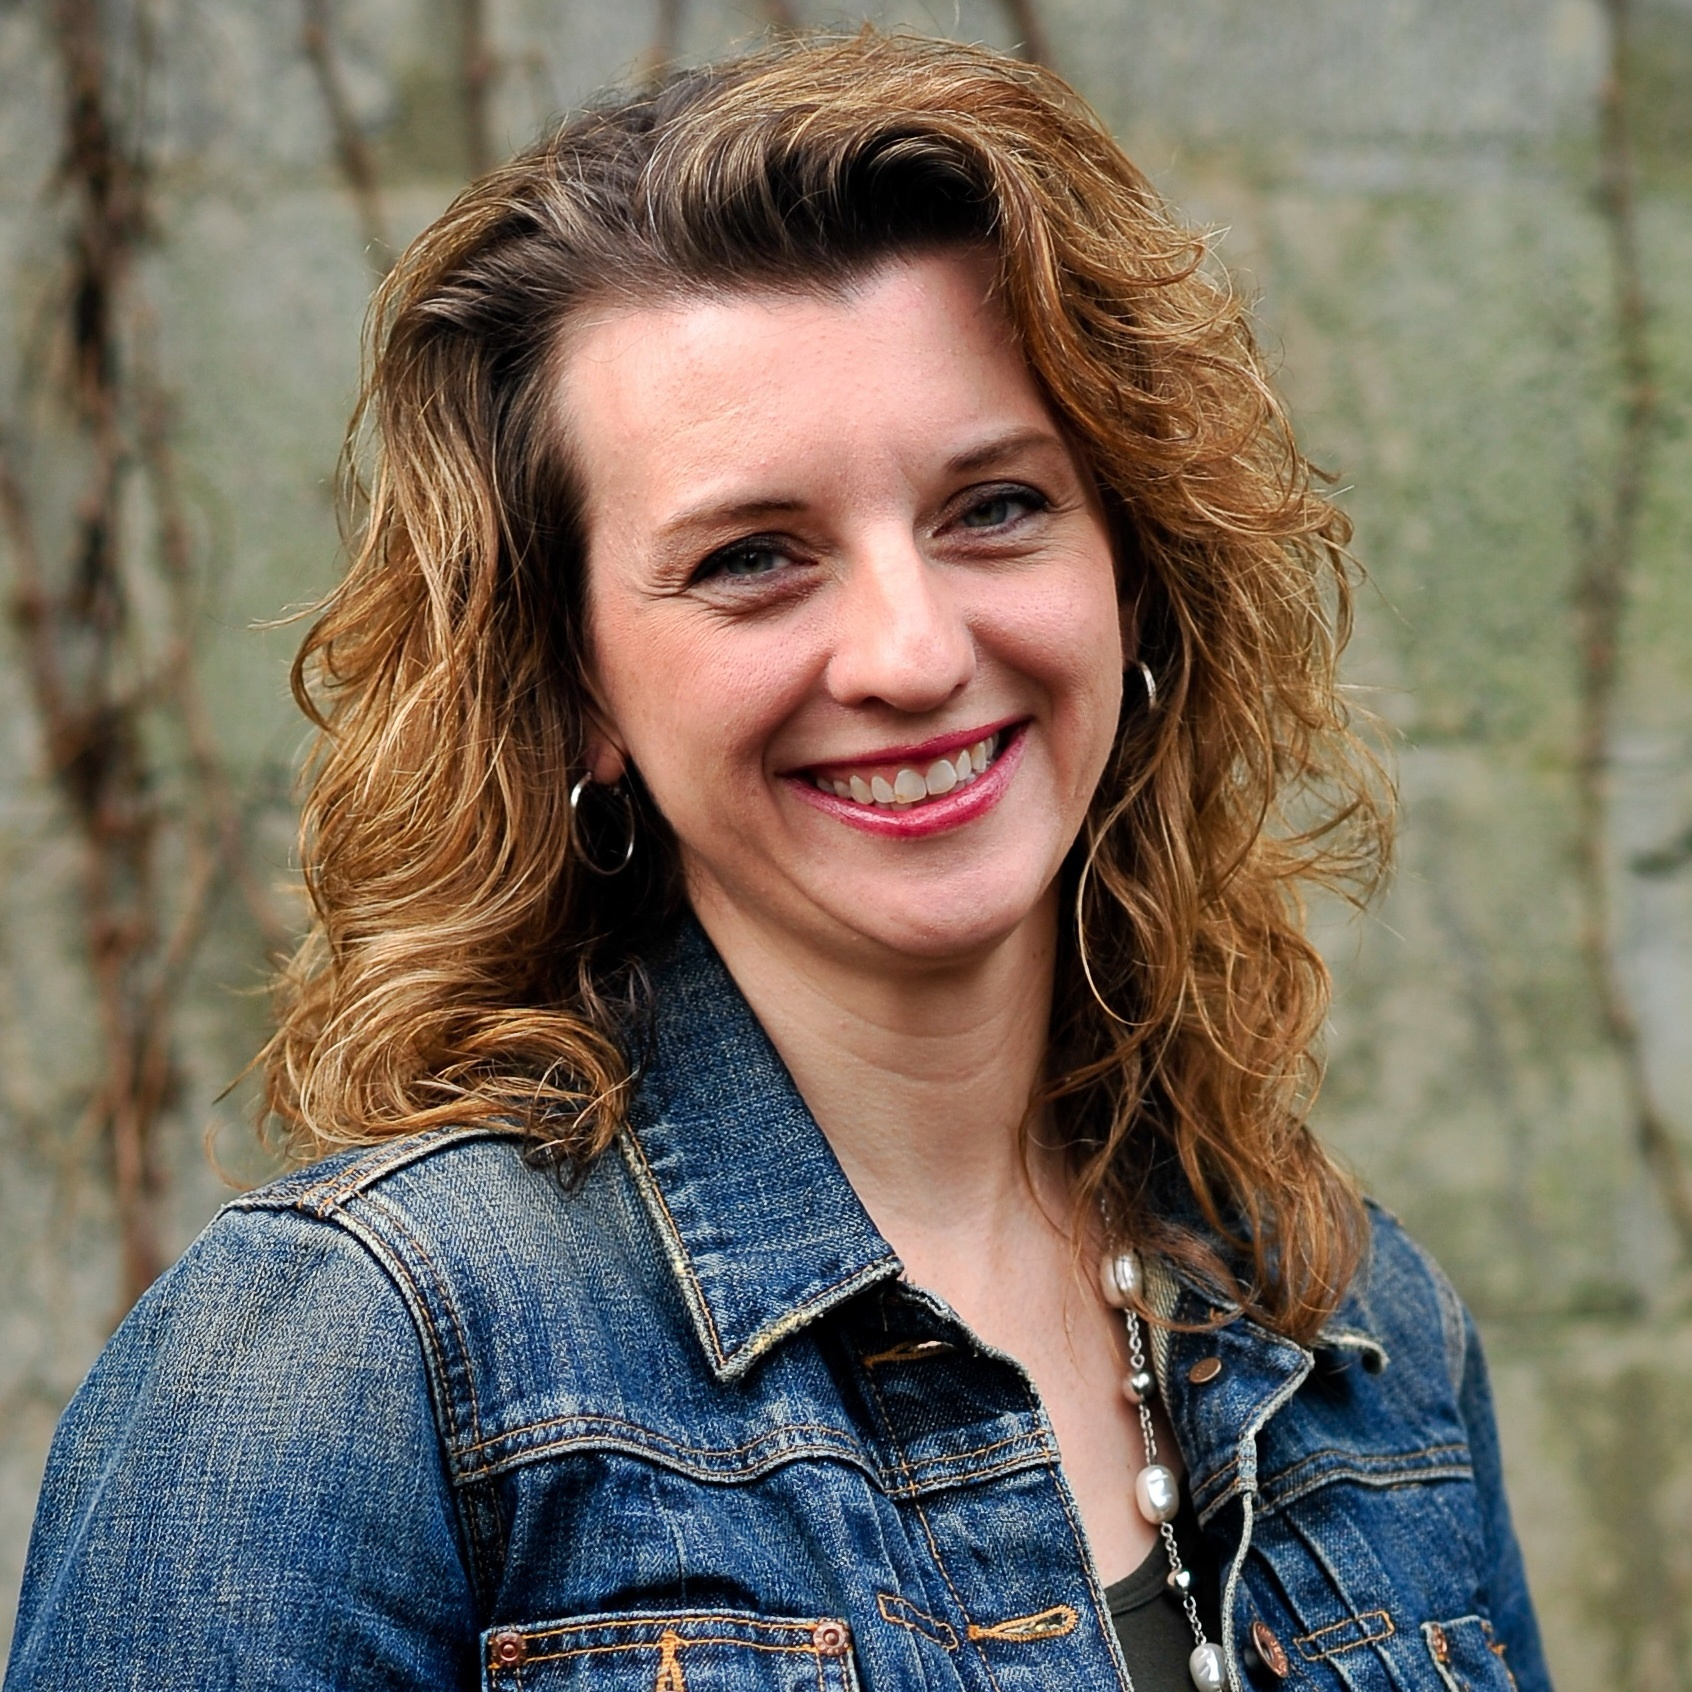 Larissa Reinhart